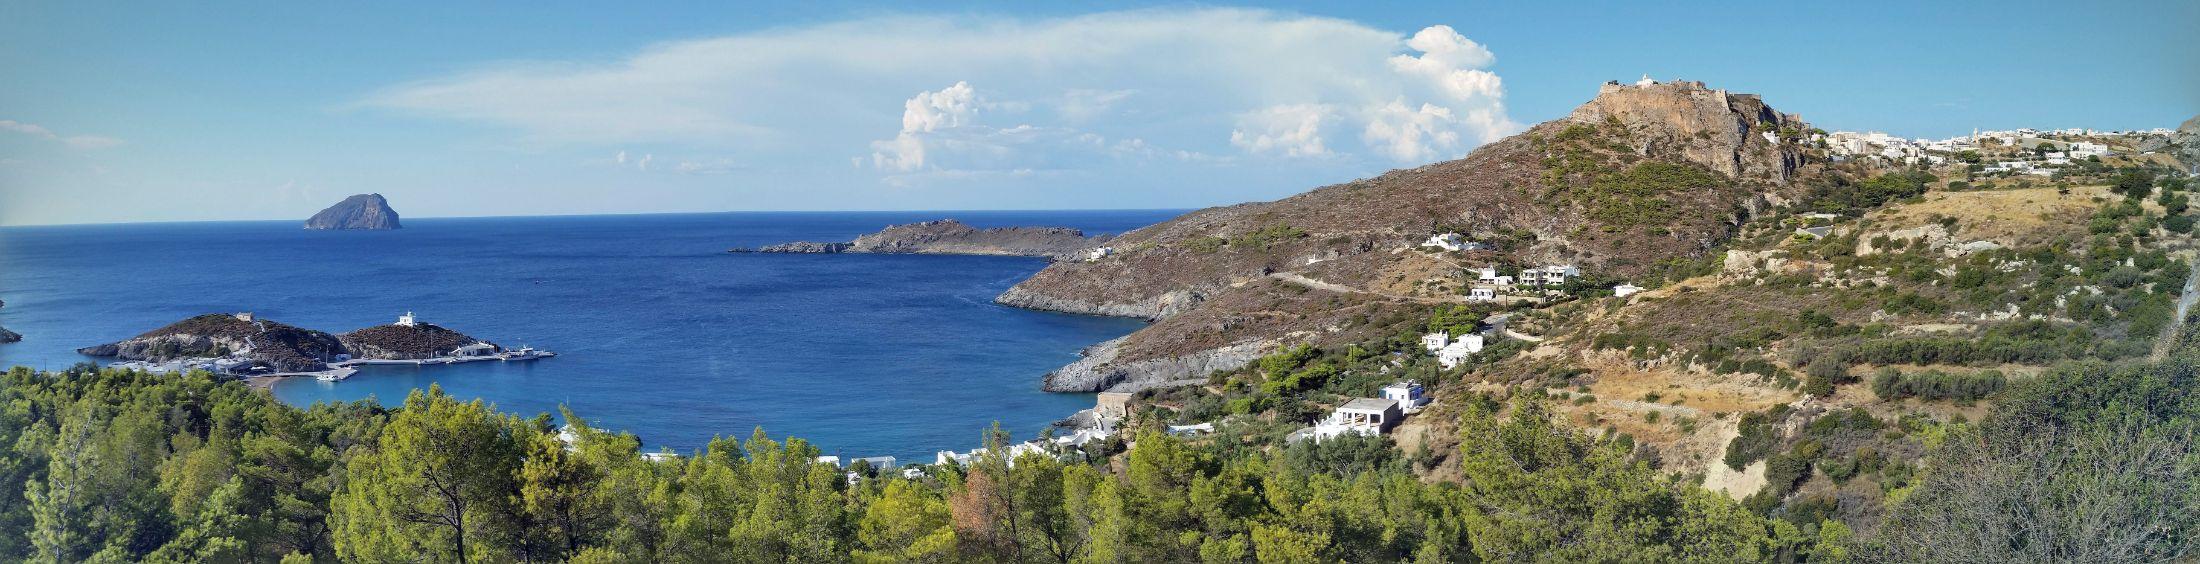 Insel Kythira - Reiseführer - Griechenland